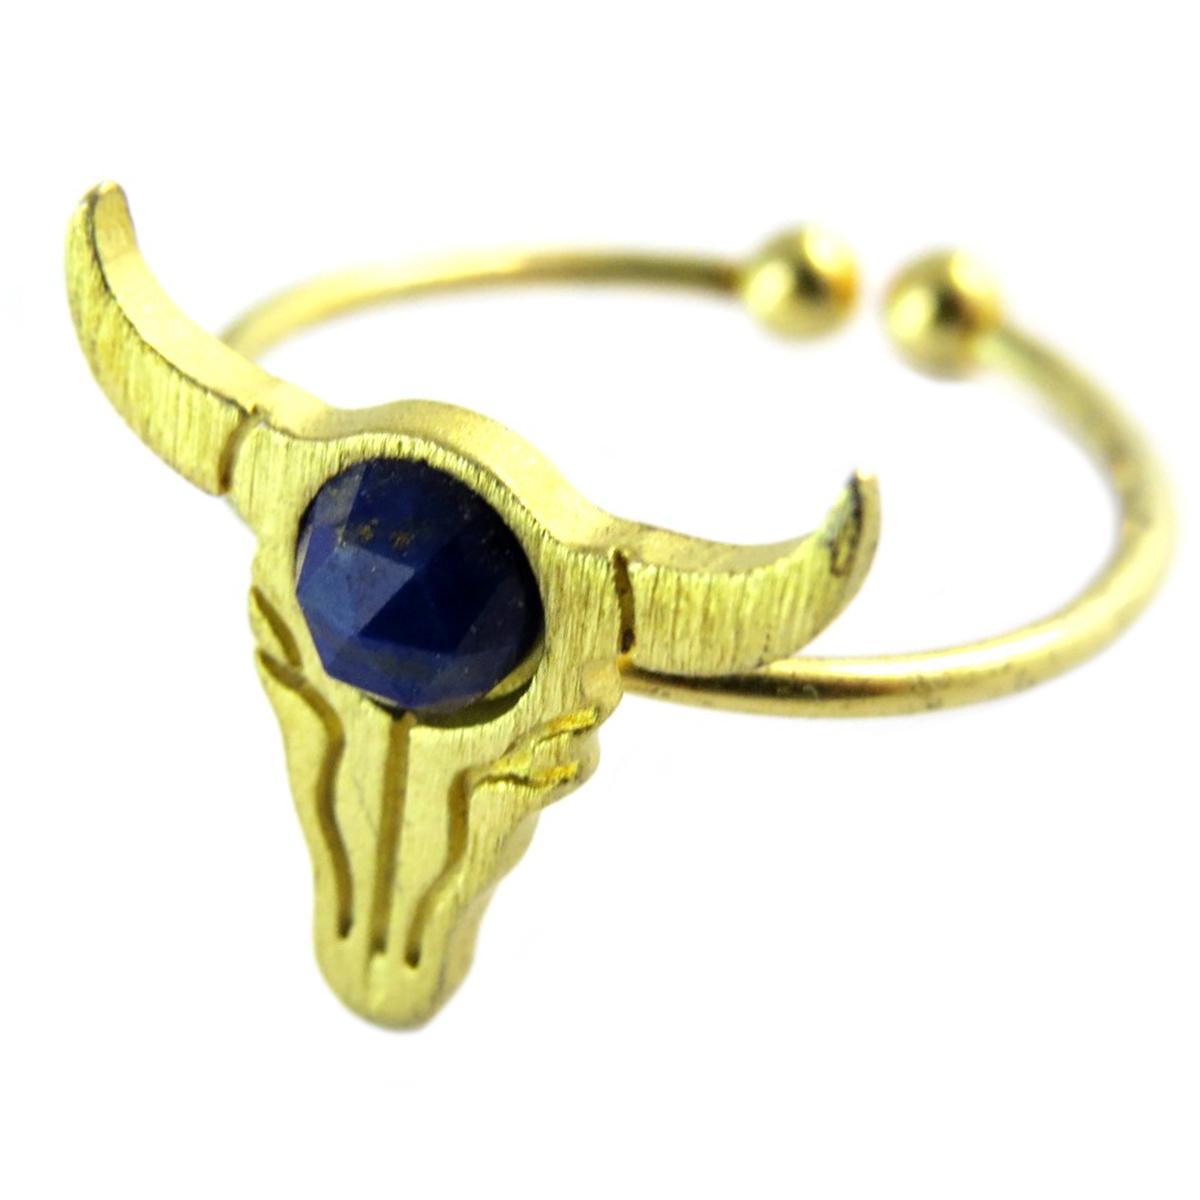 Bague artisanale \'Boho\' bleu doré (crâne de bison)- 14x13 mm - [Q1475]